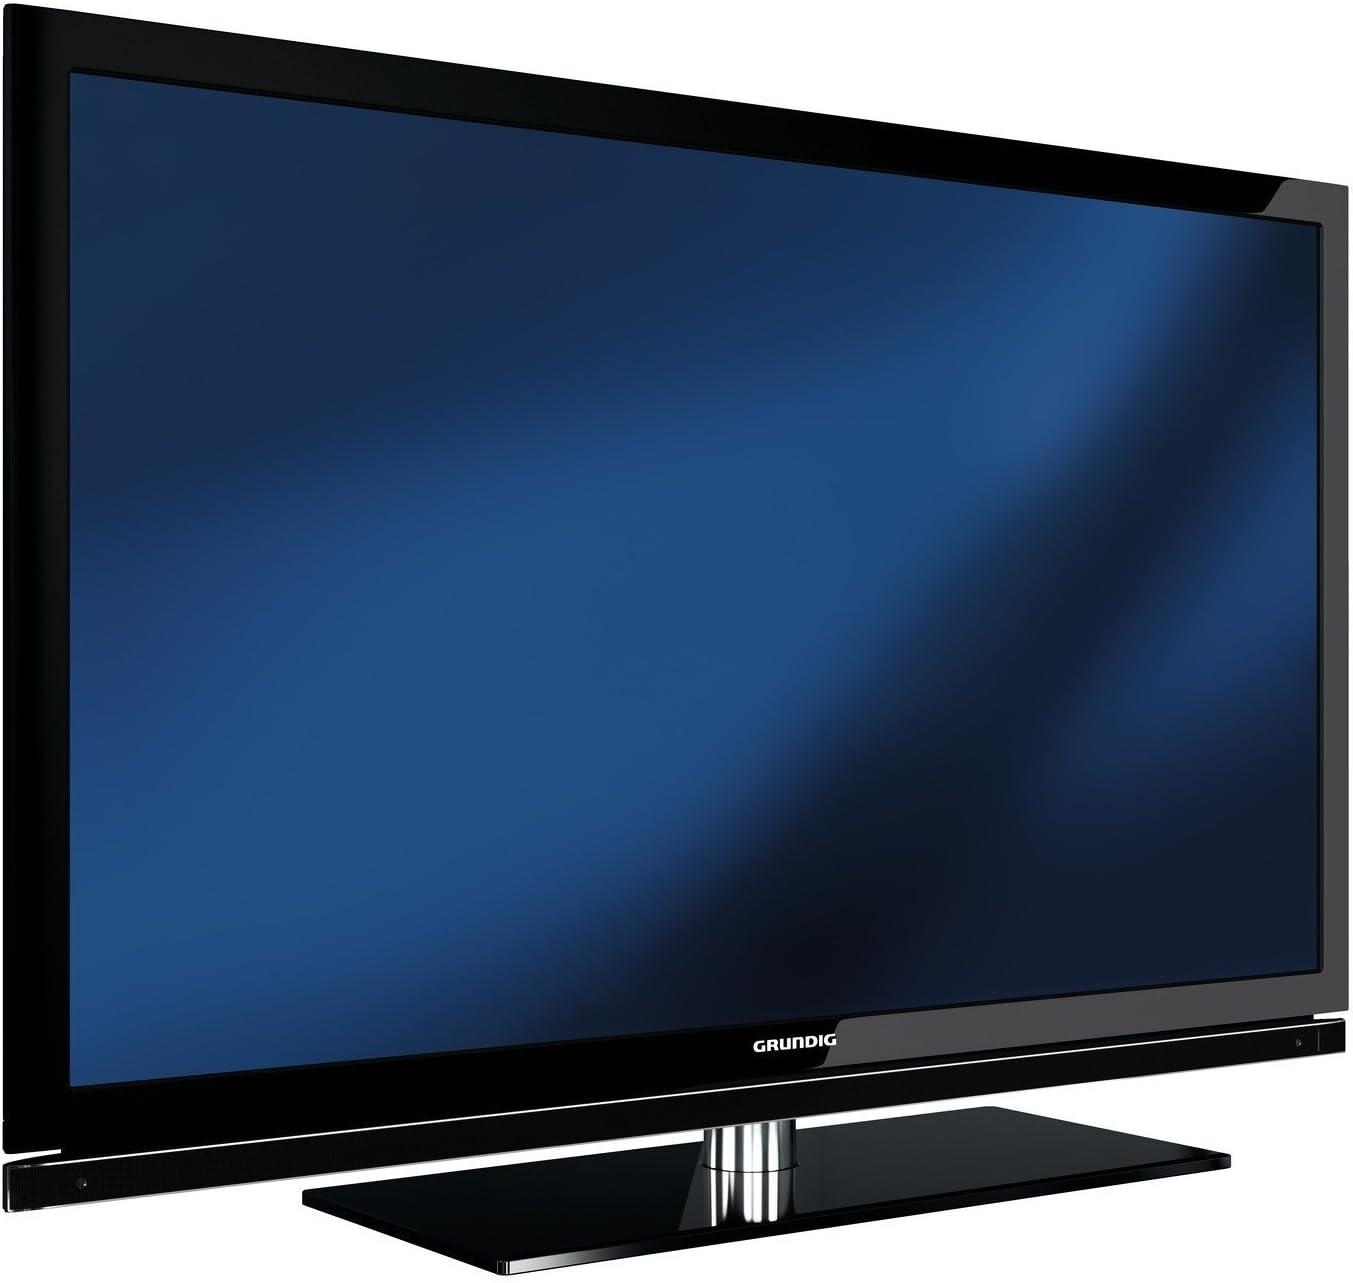 Grundig 40 VLE 7003 BL - Televisor con retroiluminación LED y pantalla de 40